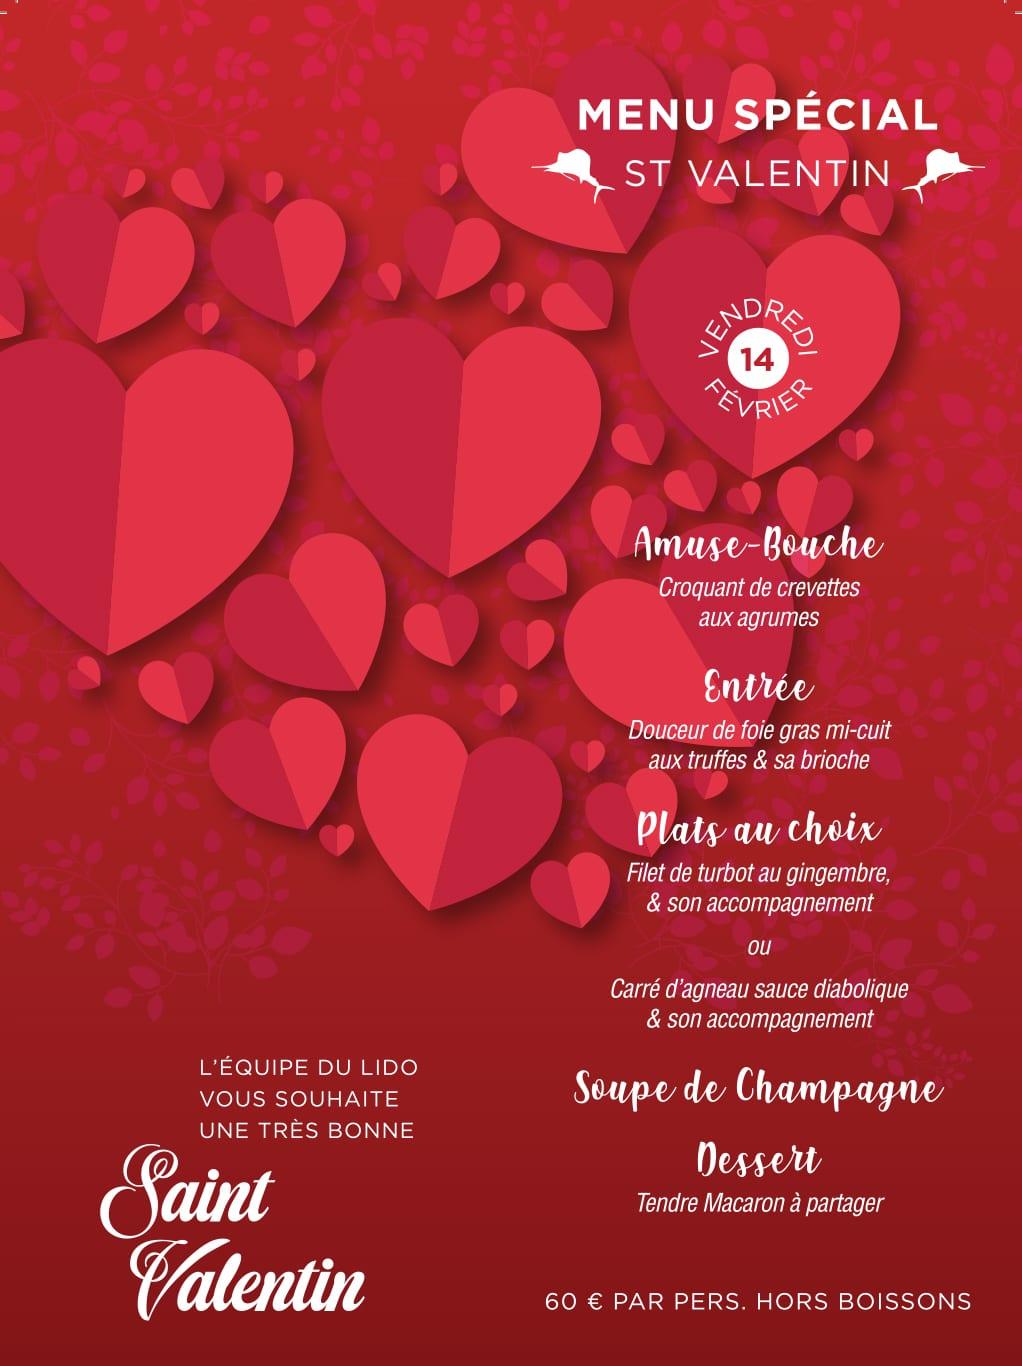 menu-st-valentin-lido-toulon